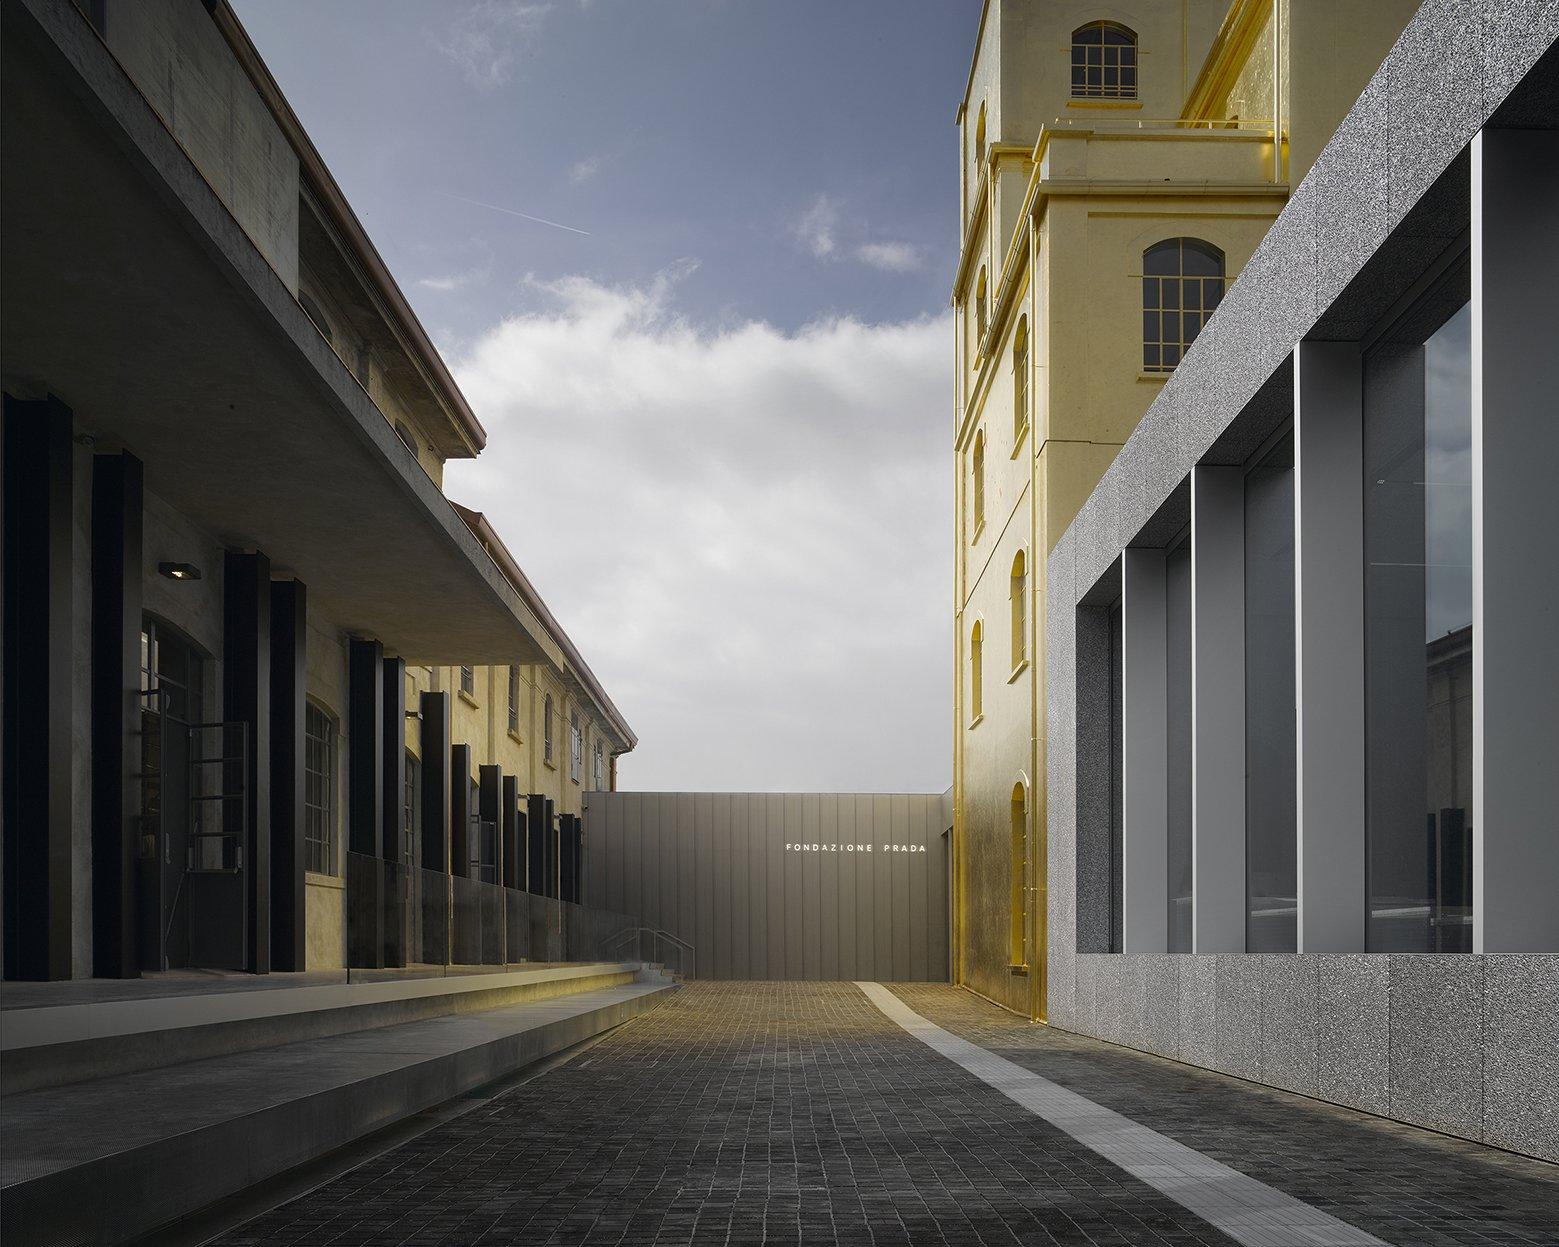 The New Fondazione Prada in Milan